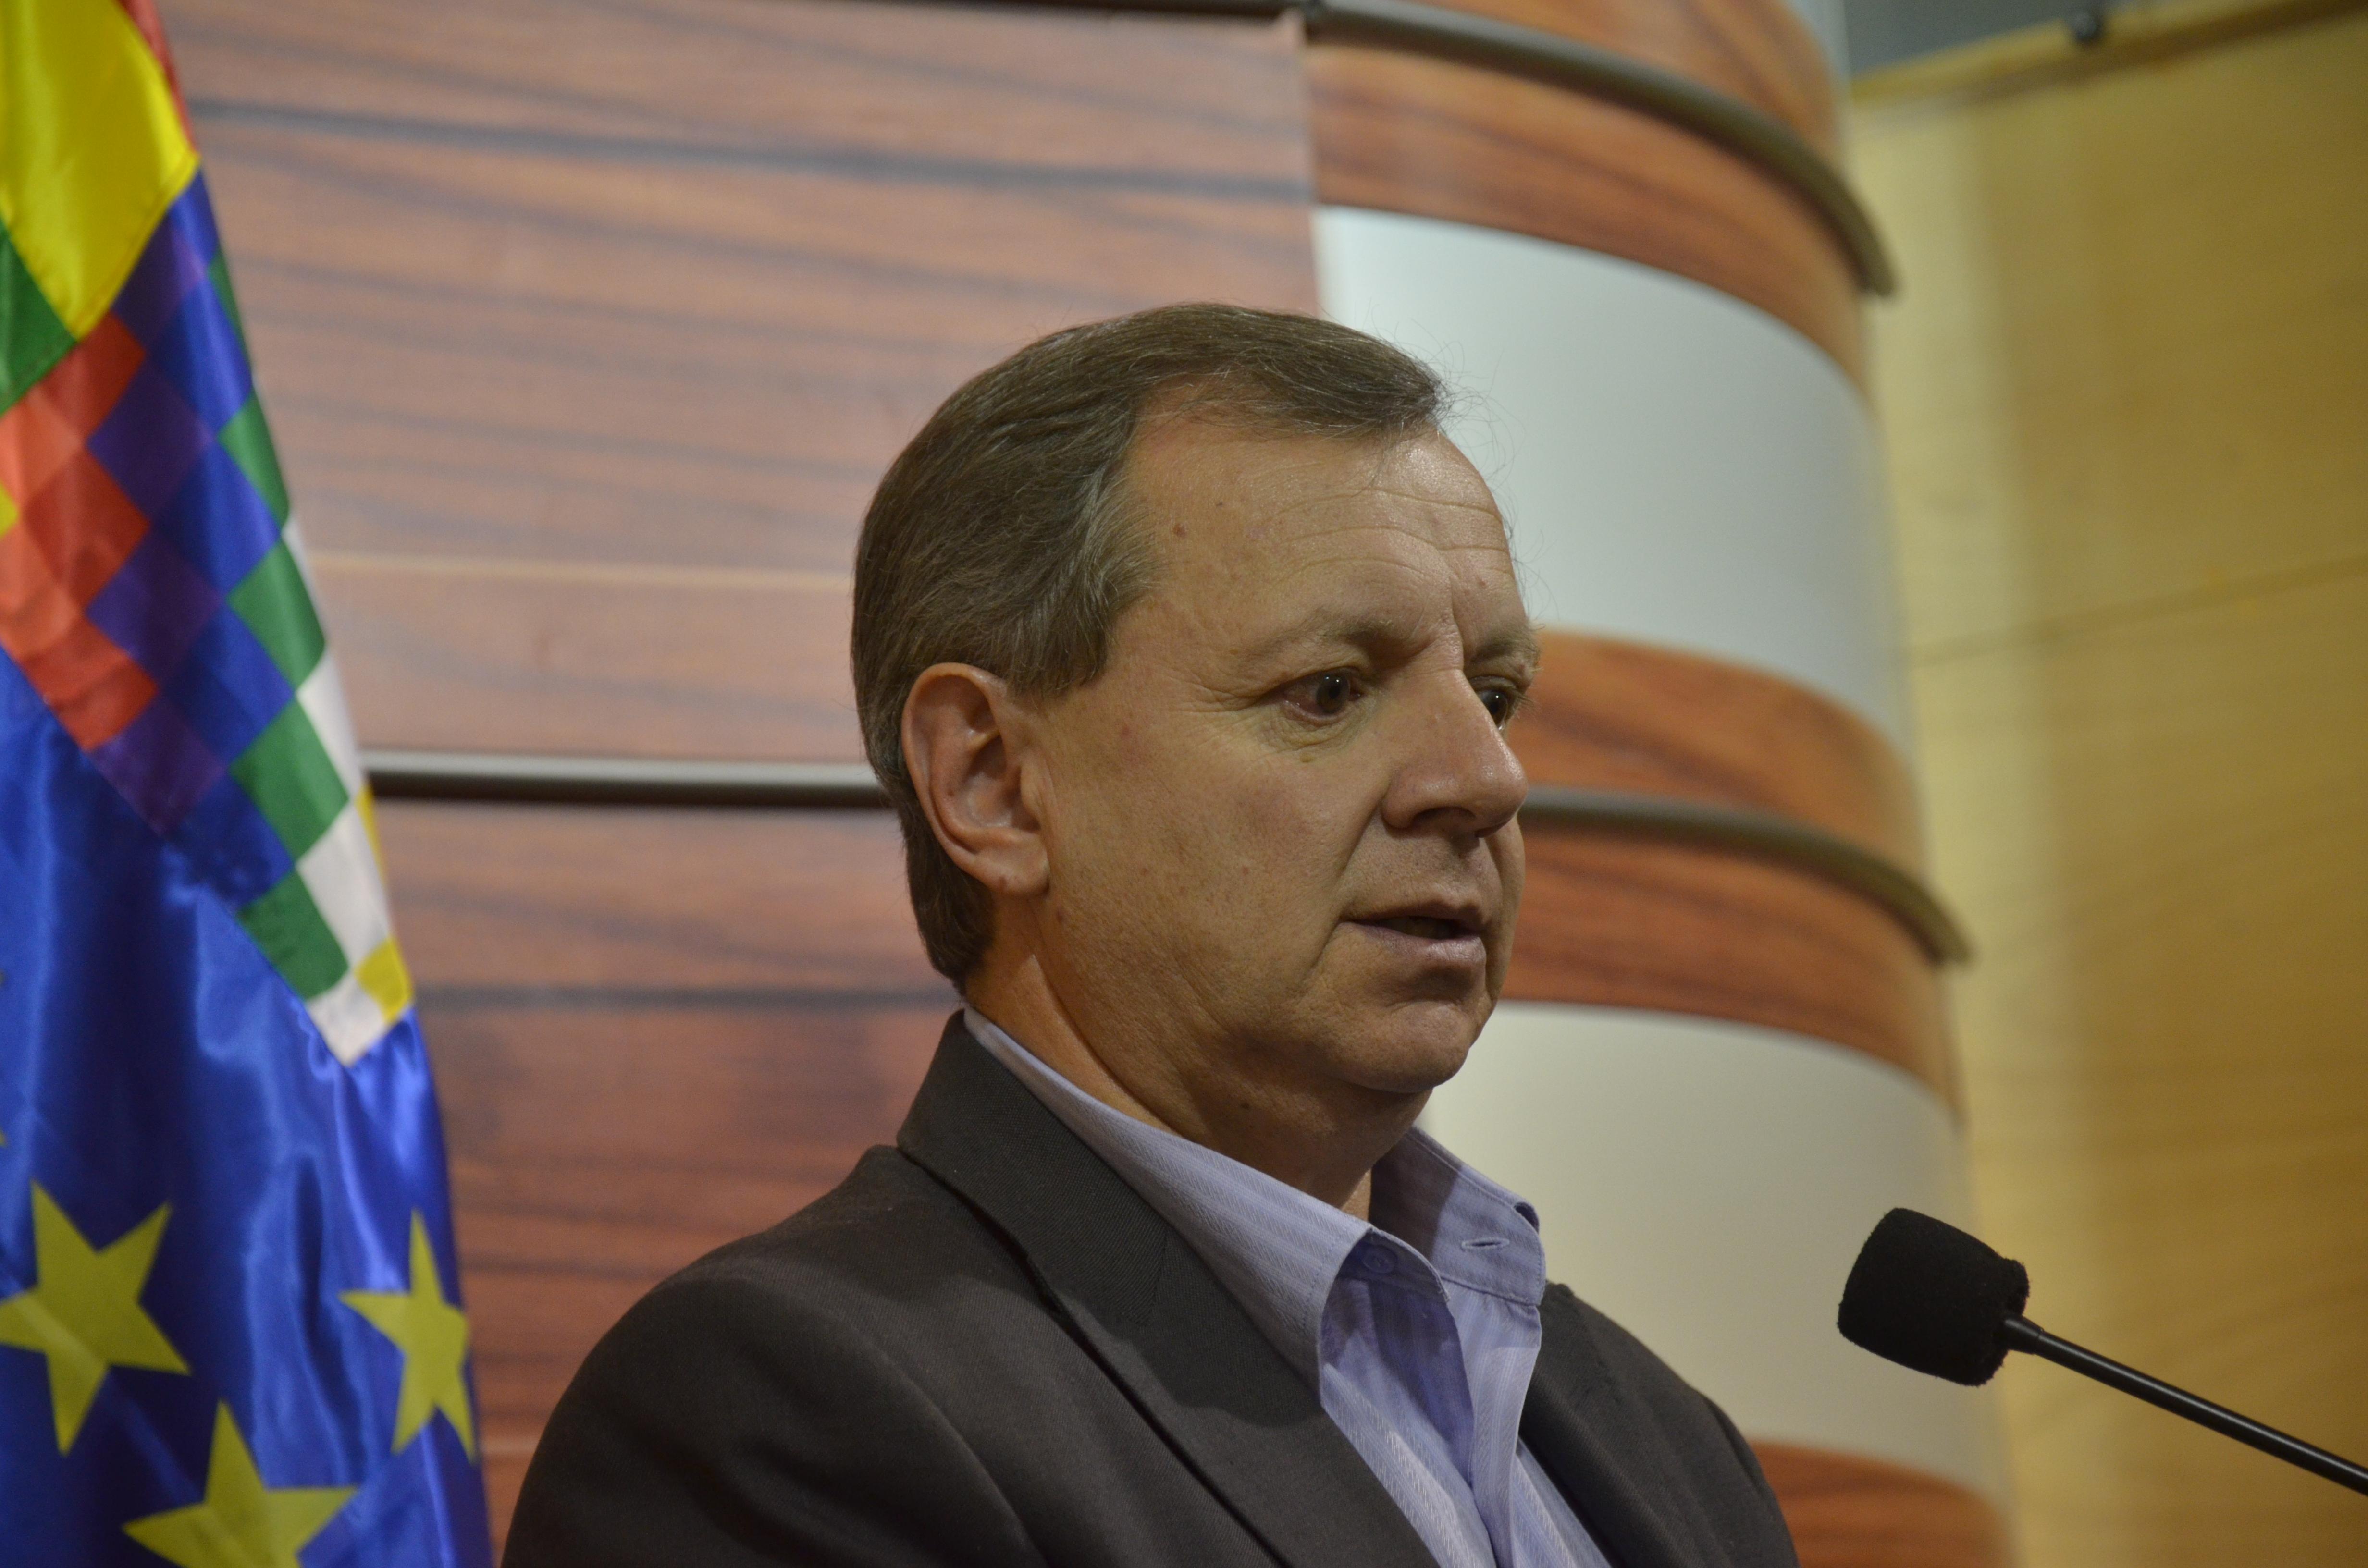 Gonzales espera que denuncia de la Iglesia tenga pruebas y no sea un chisme de confesionario